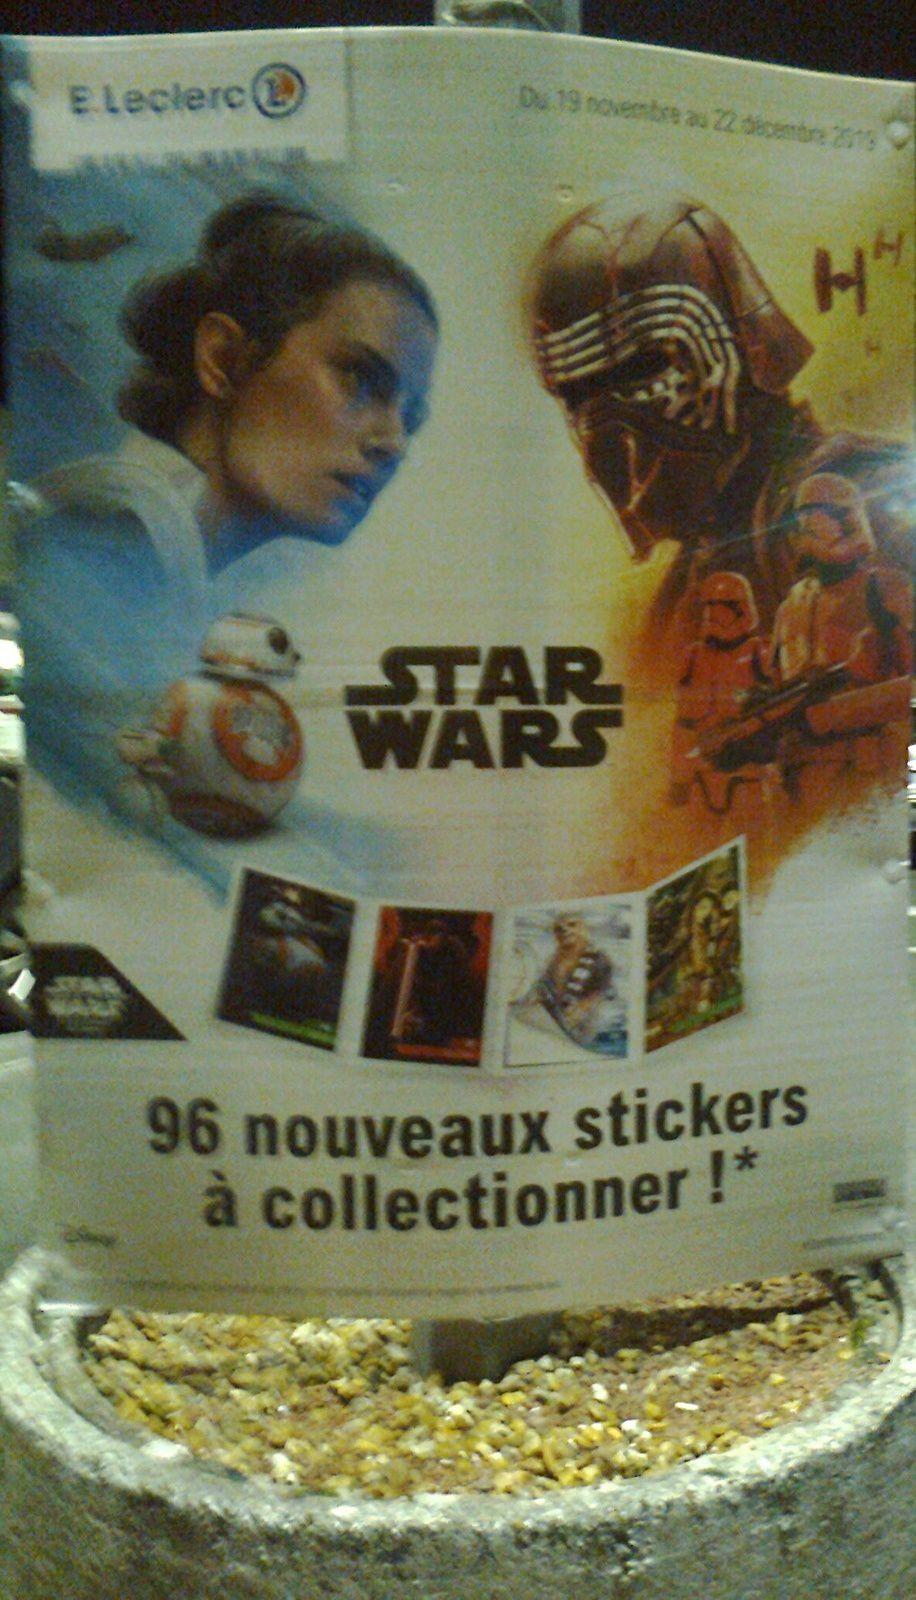 2 Cartes Star Wars Leclerc 2019  l/'ascension de skywalker au choix